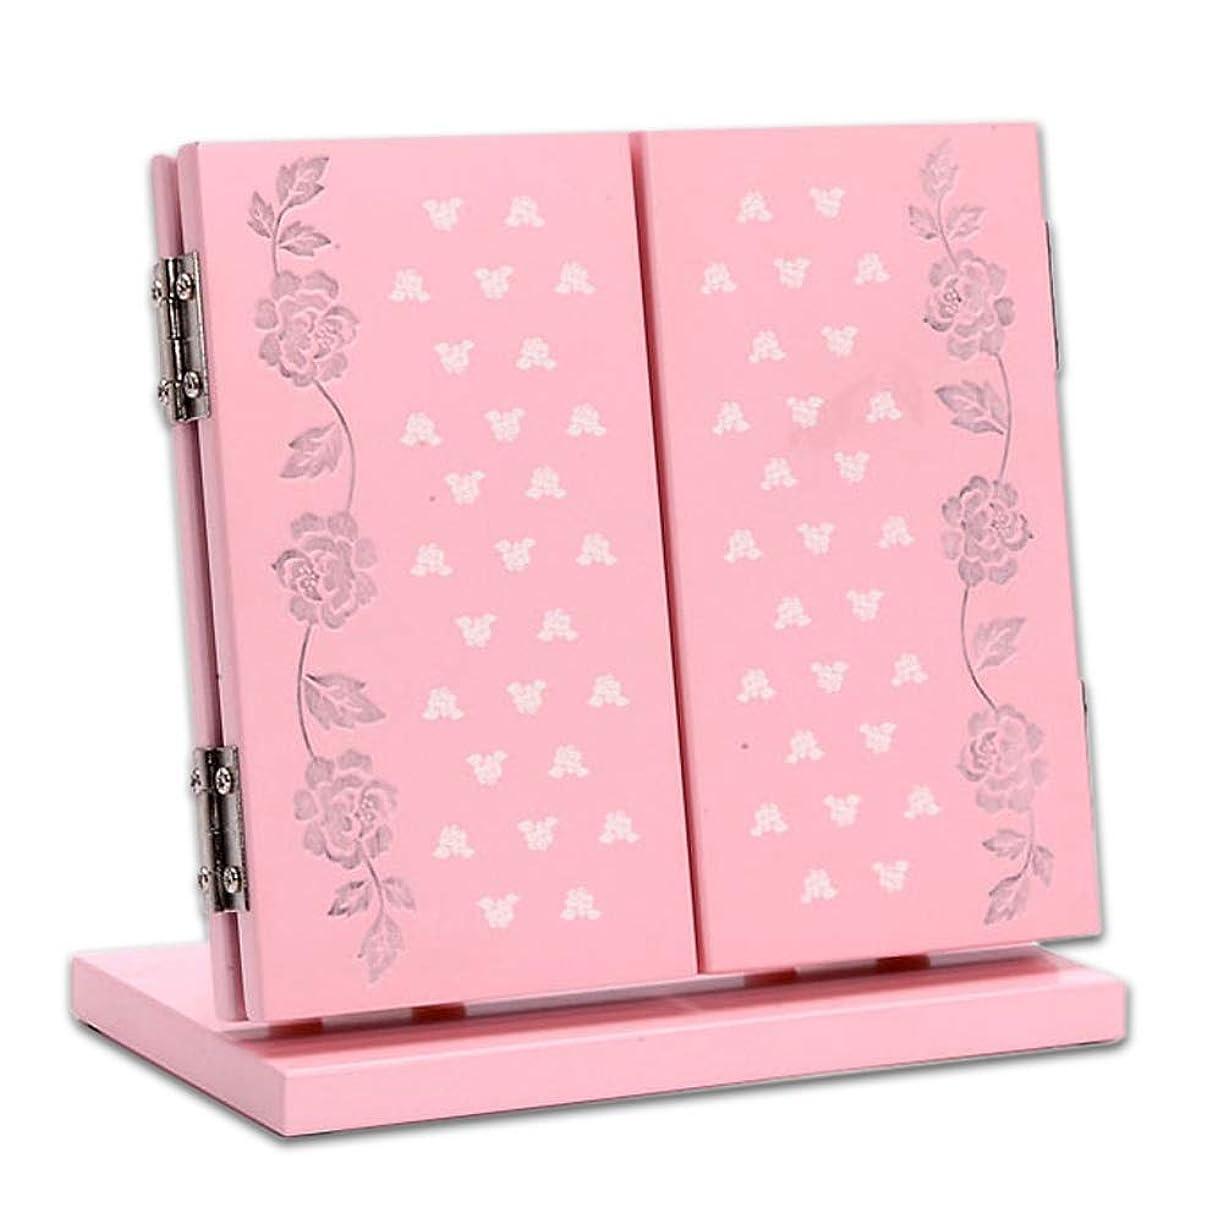 平らな追放する悪因子MOOJOO 卓上 三面鏡 鏡 アンティーク 女優 ミラー 木製 折りたたみ ピンク